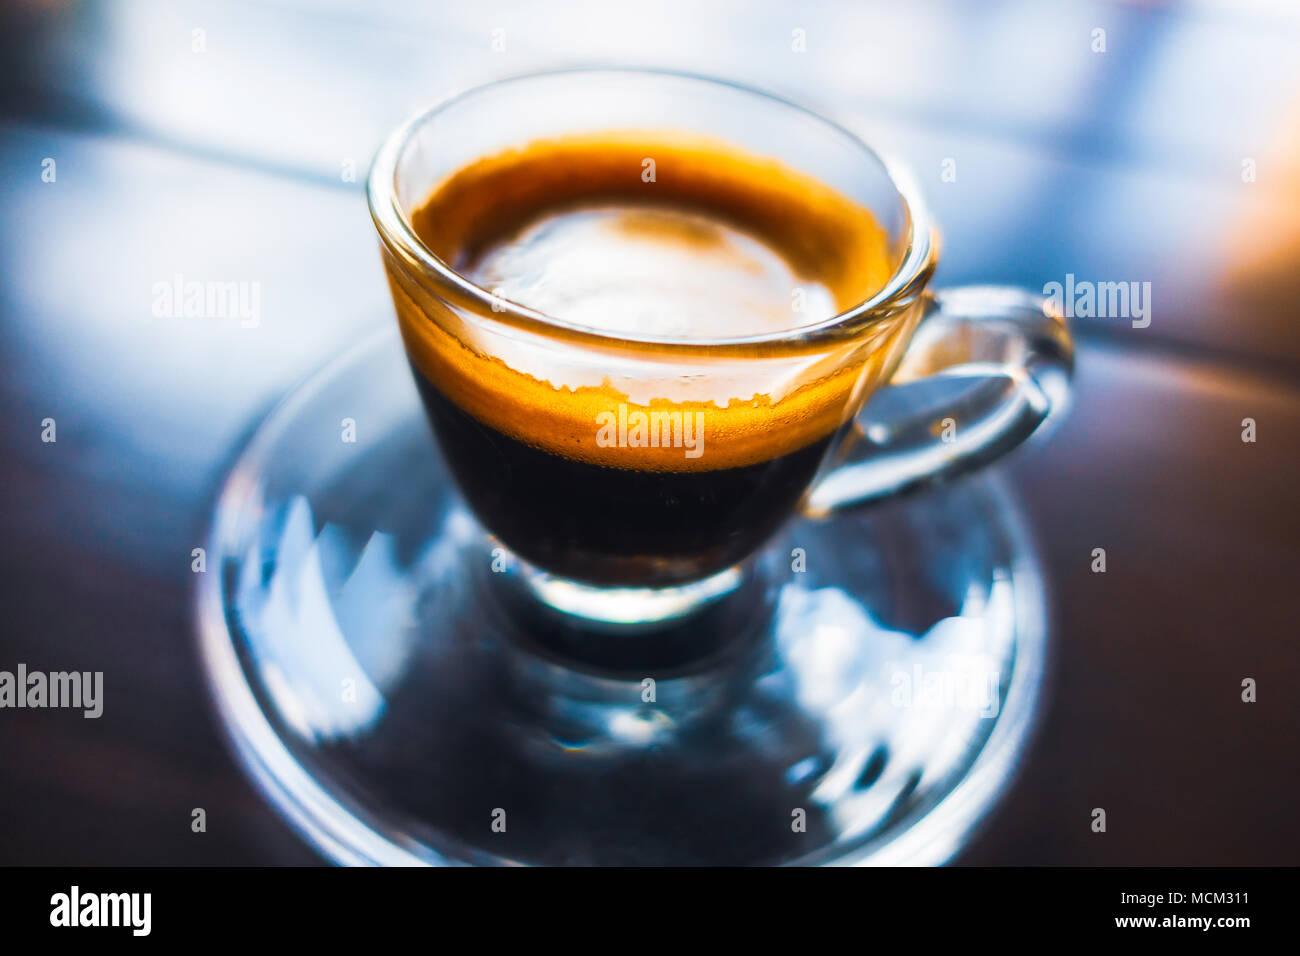 Espresso in Glas Schale auf Holztisch, bunte Reflexionen und flache Tiefenschärfe. Stockbild